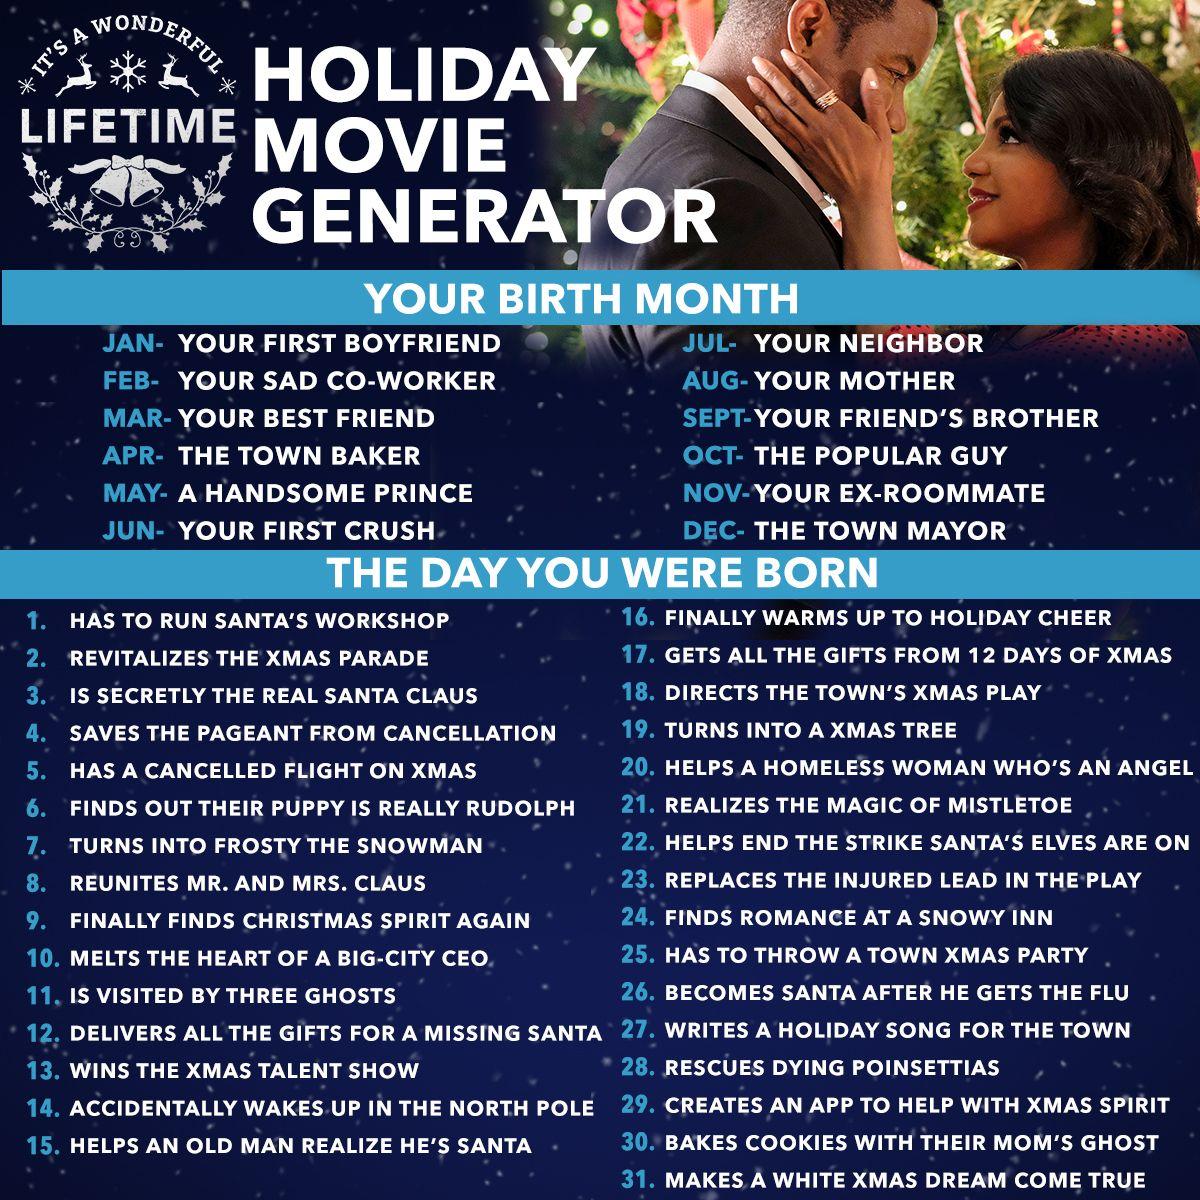 Lifetime Holiday Movie Generator Holiday Movie Lifetime Movies Best Christmas Movies